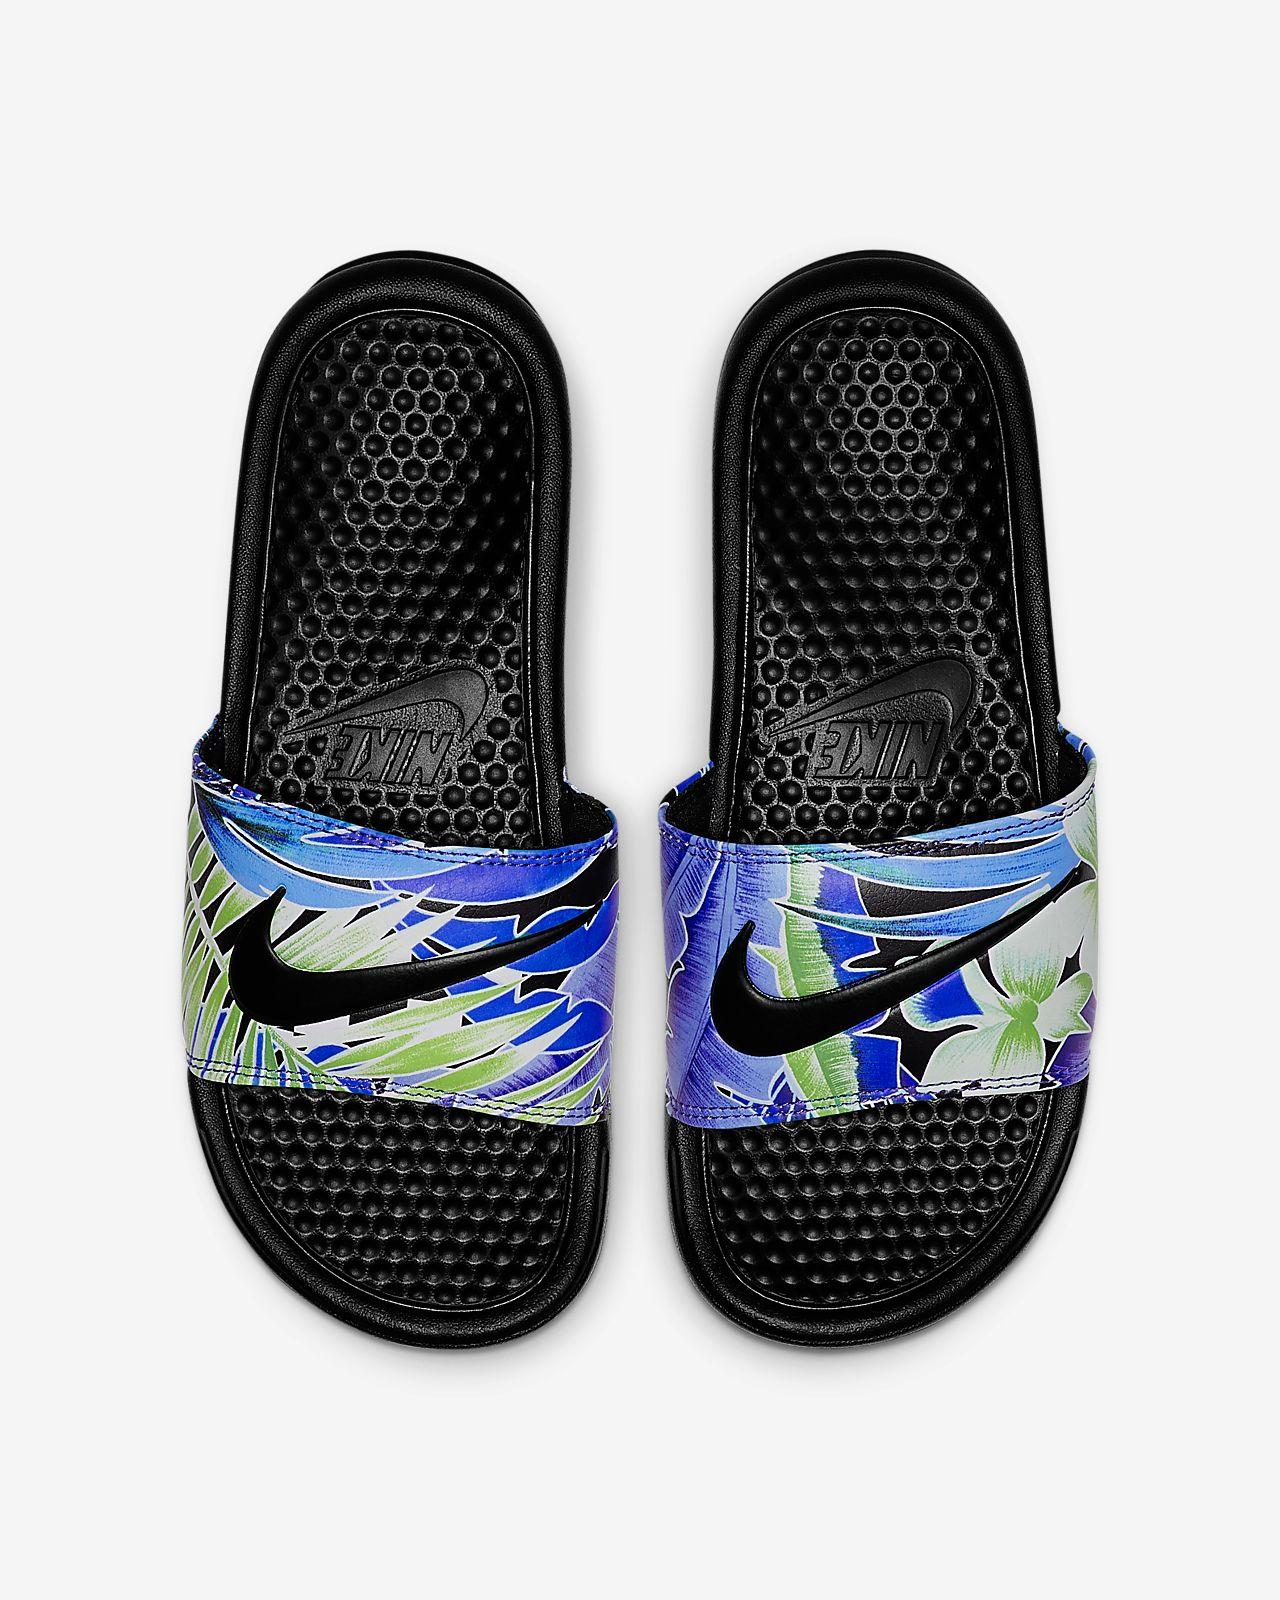 outlet store 88d23 36855 ... Nike Benassi JDI Floral Women s Slide